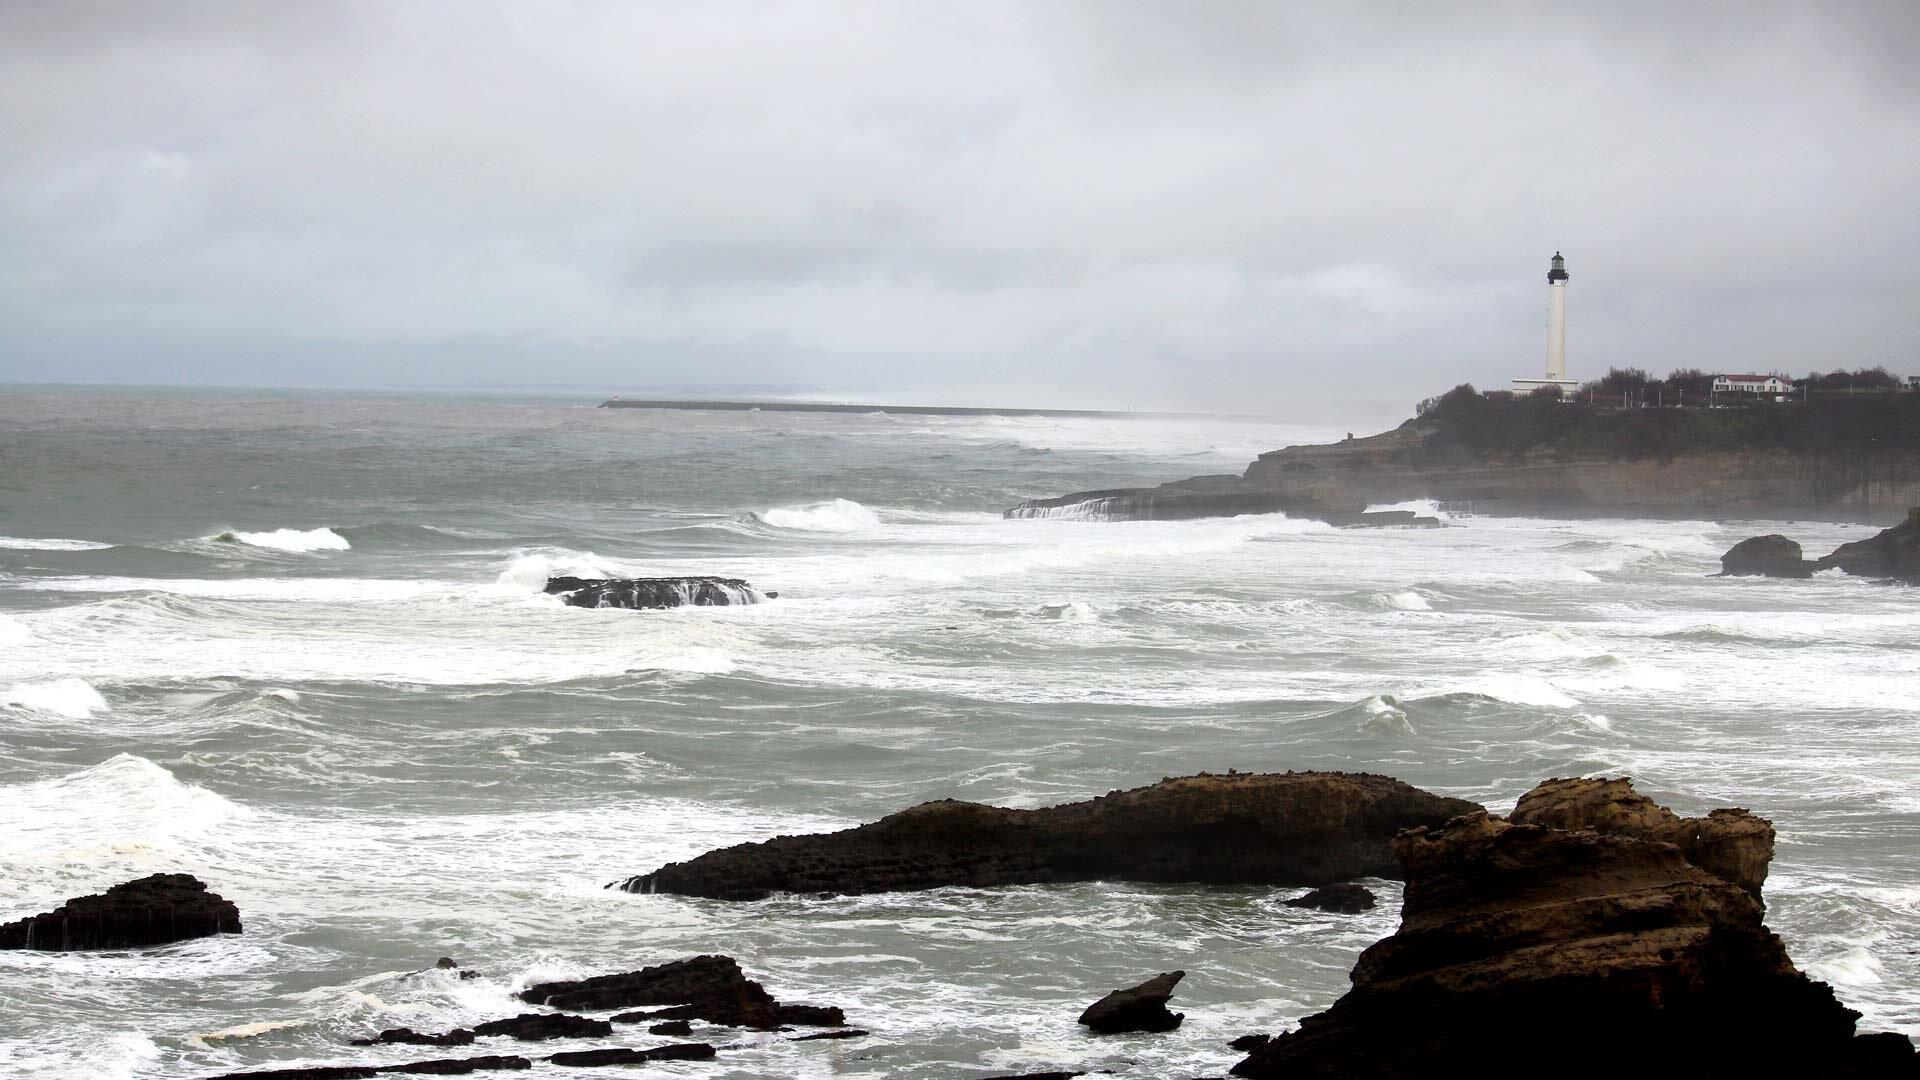 Alexandra Jammet, surf, road-trip, Nouvelle-Aquitaine, côte, océan, littoral, écologie, pollution écosystème, changement climatique, biodiversité, dauphin, cétacés échoués